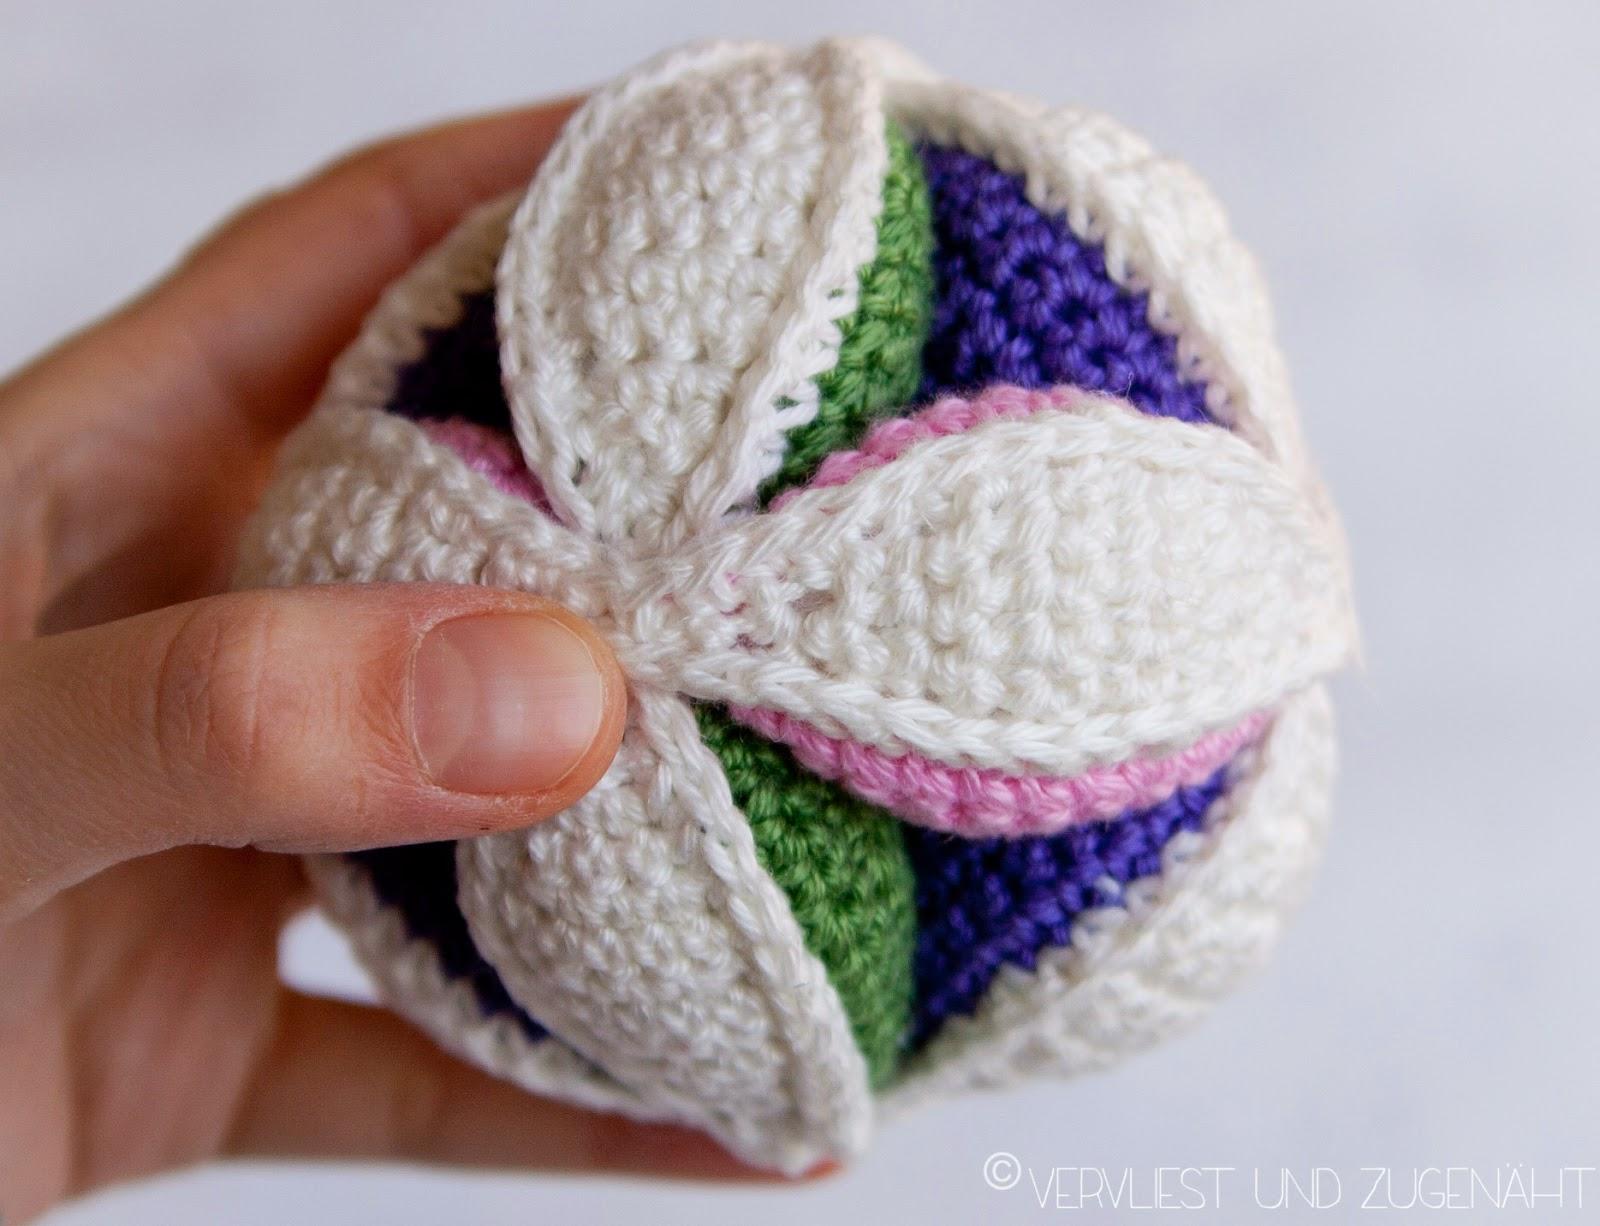 Vervliest Und Zugenäht Amish Puzzle Ball